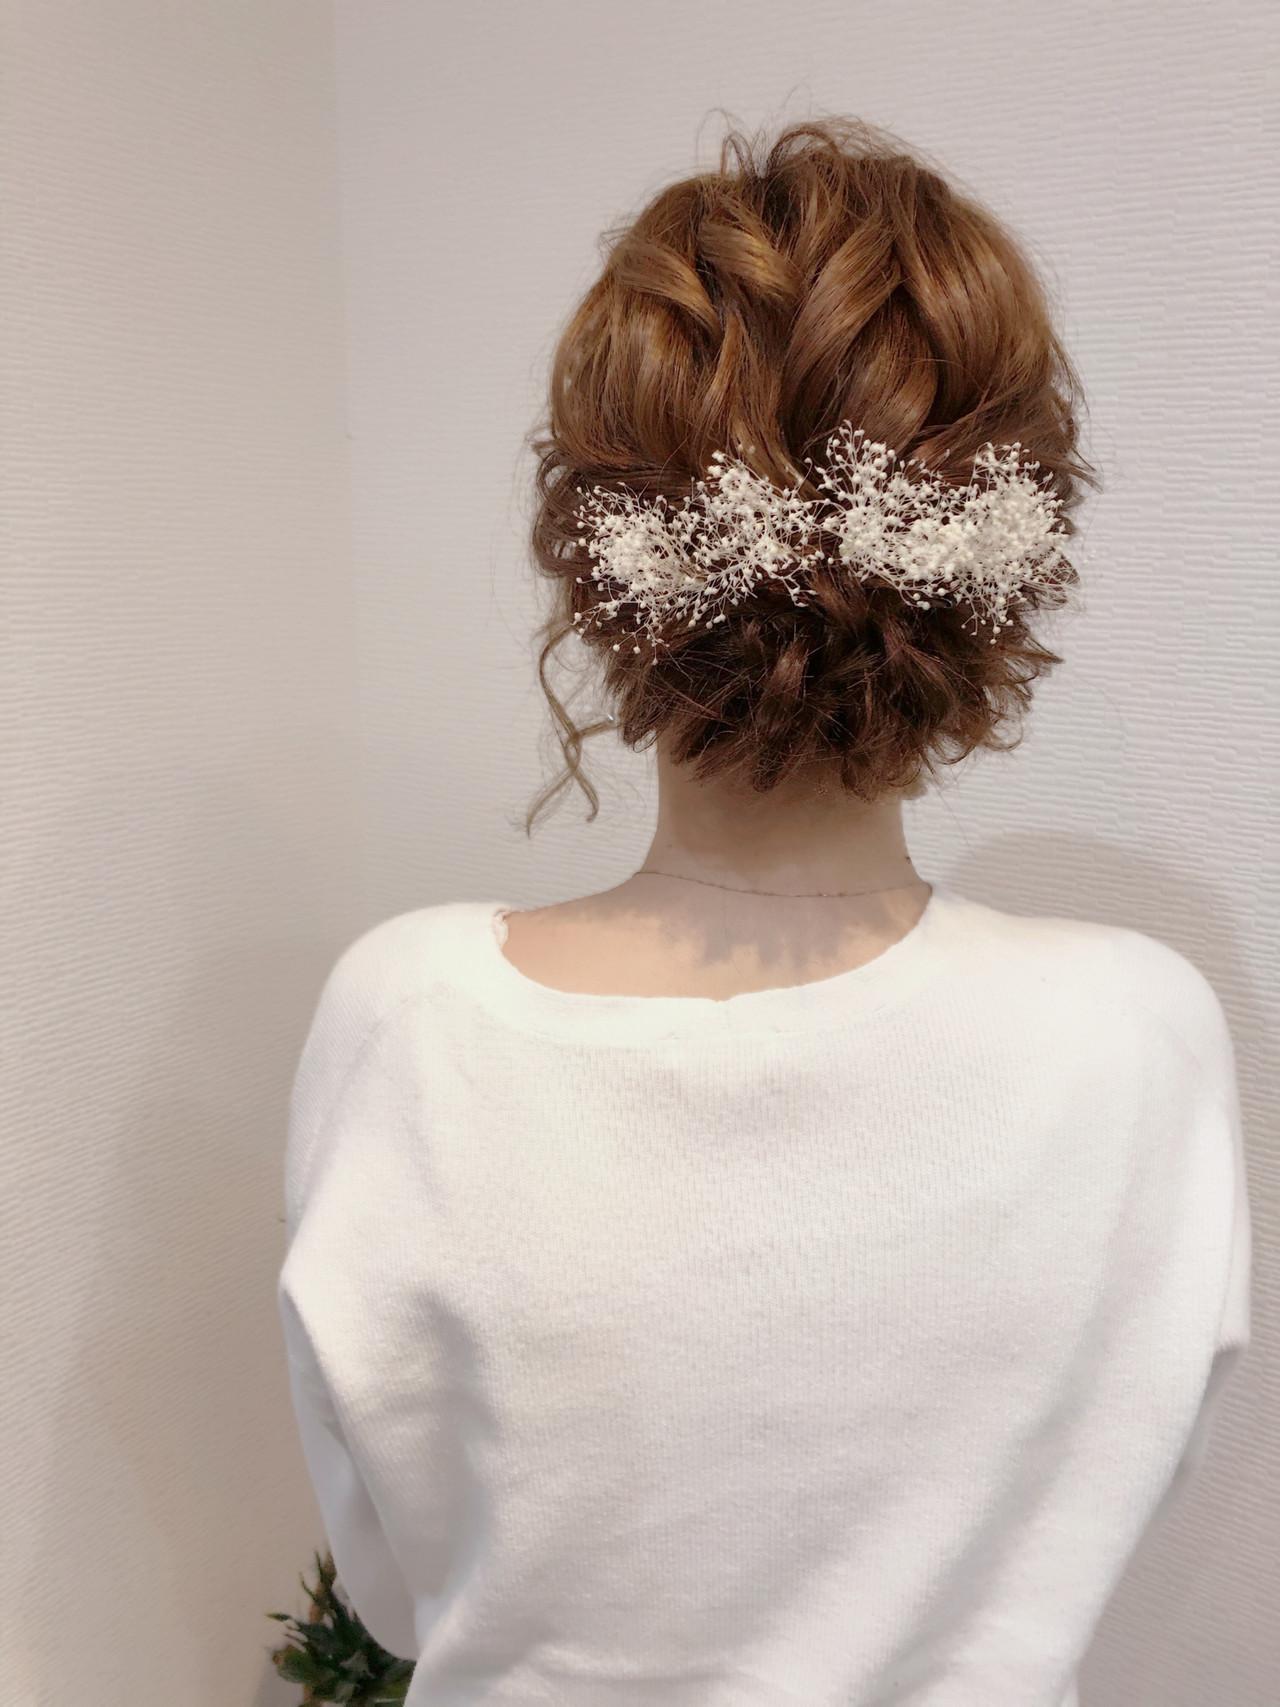 ブライダル ヘアセット フェミニン アップスタイル ヘアスタイルや髪型の写真・画像